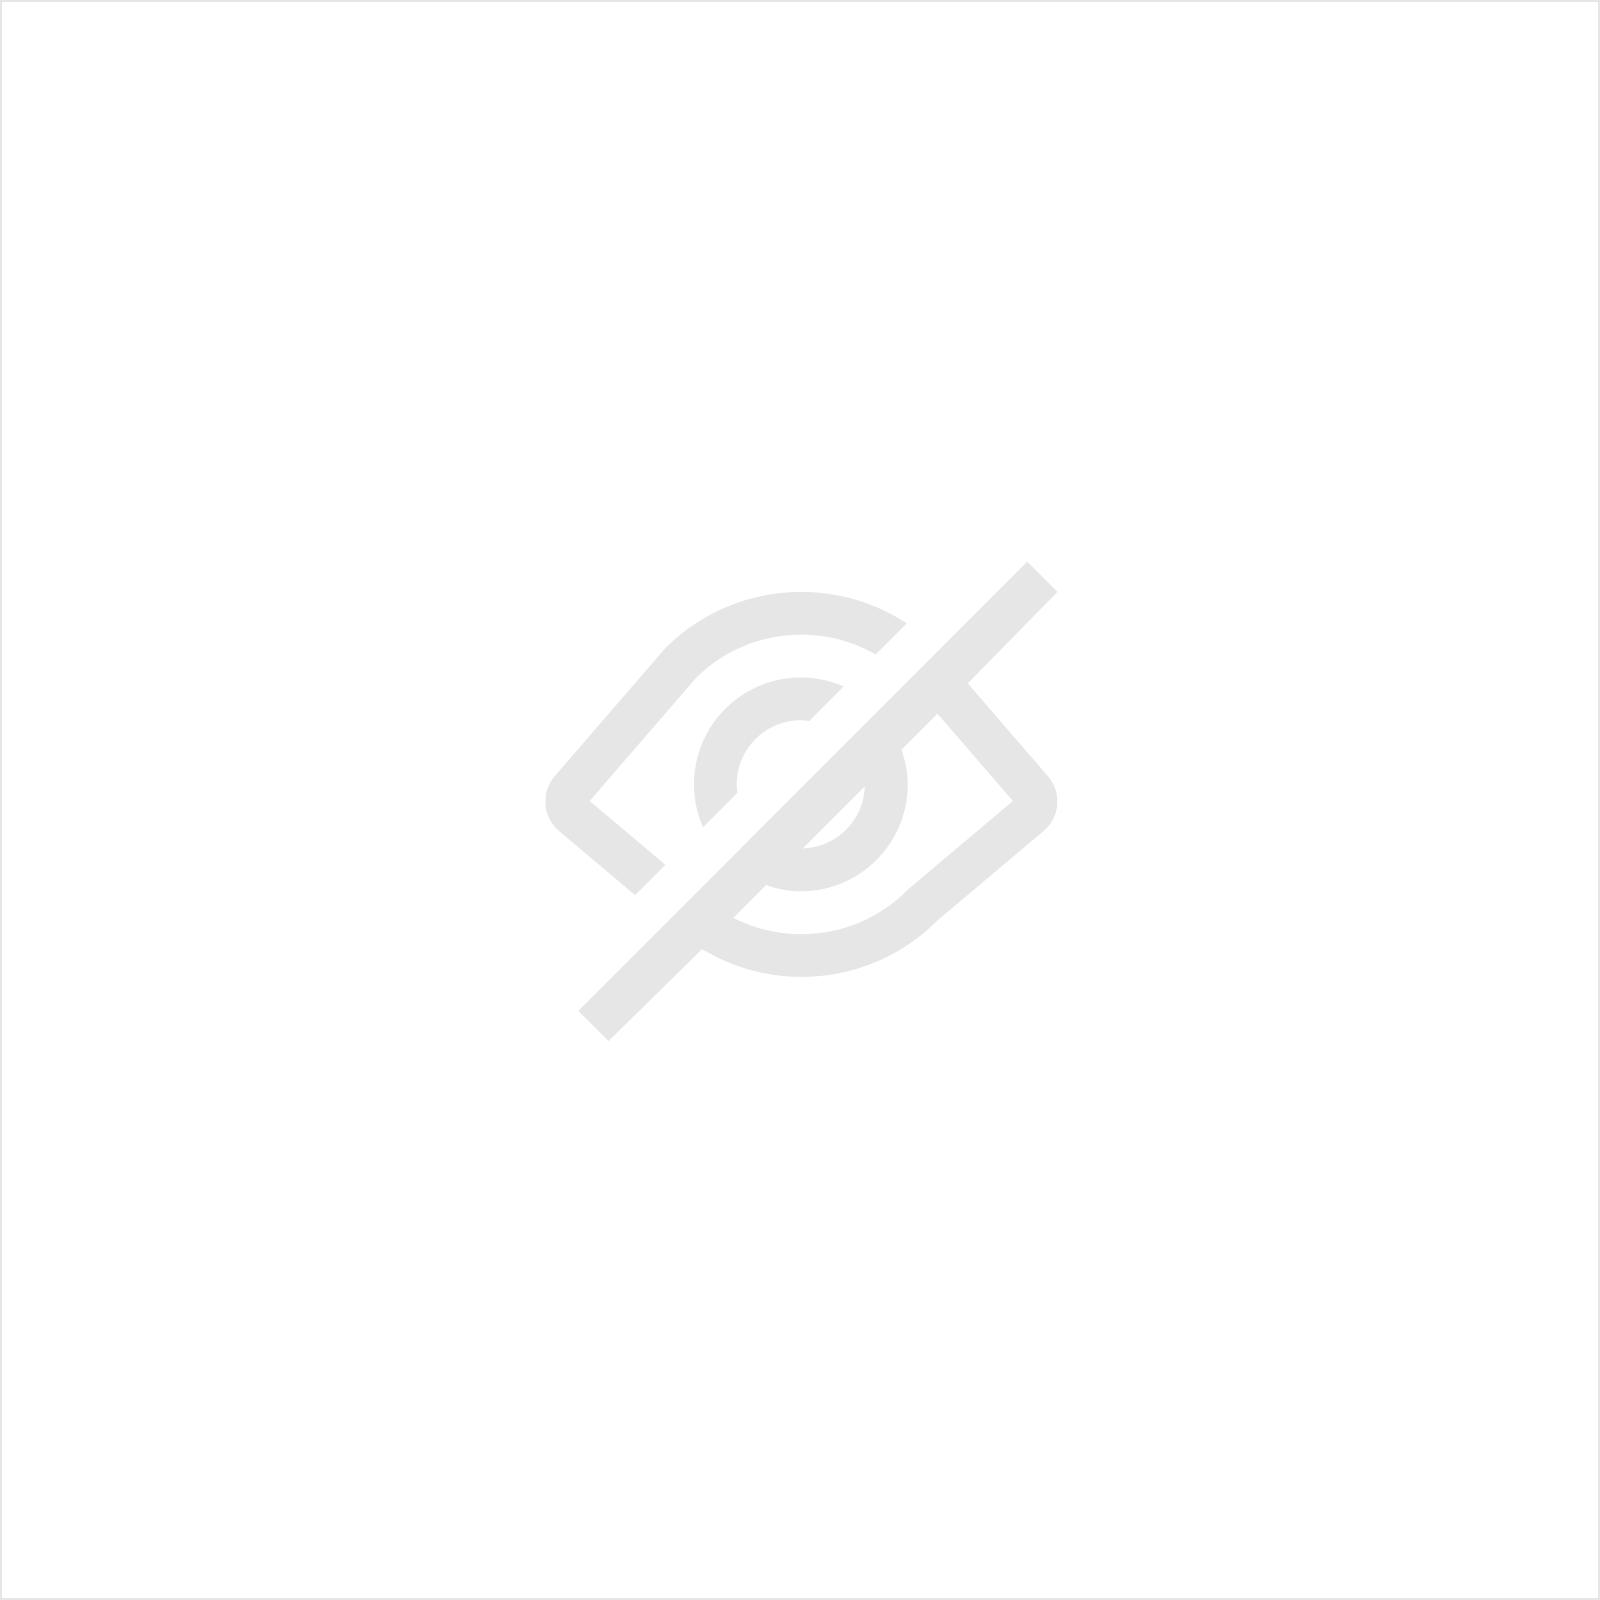 OPTIONEEL ROLPAAR VOOR BOORD EN LIJSTMACHINE 18 MM